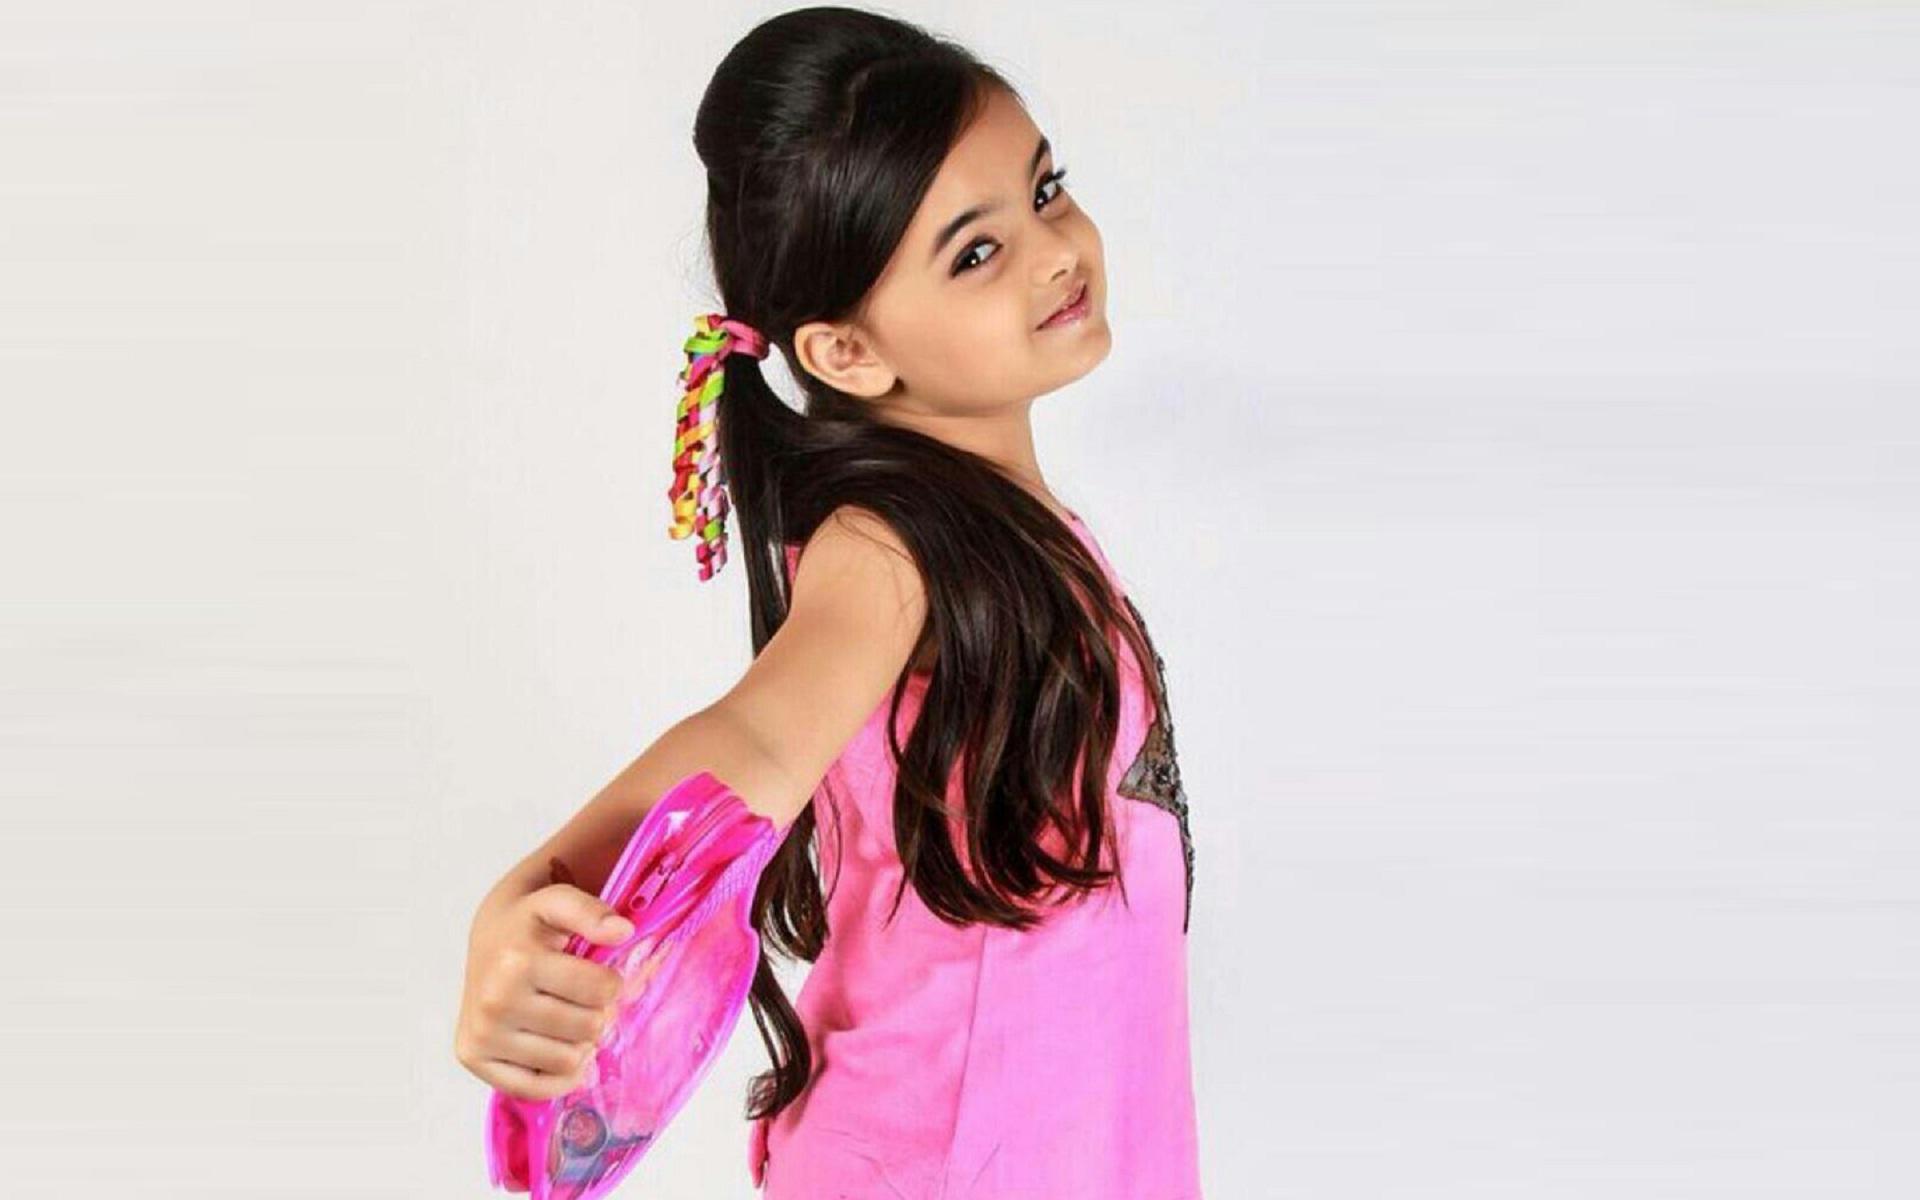 Pretty Queen Little Girl Hd Wallpaper   Little Girl Hd 855646 1920x1200